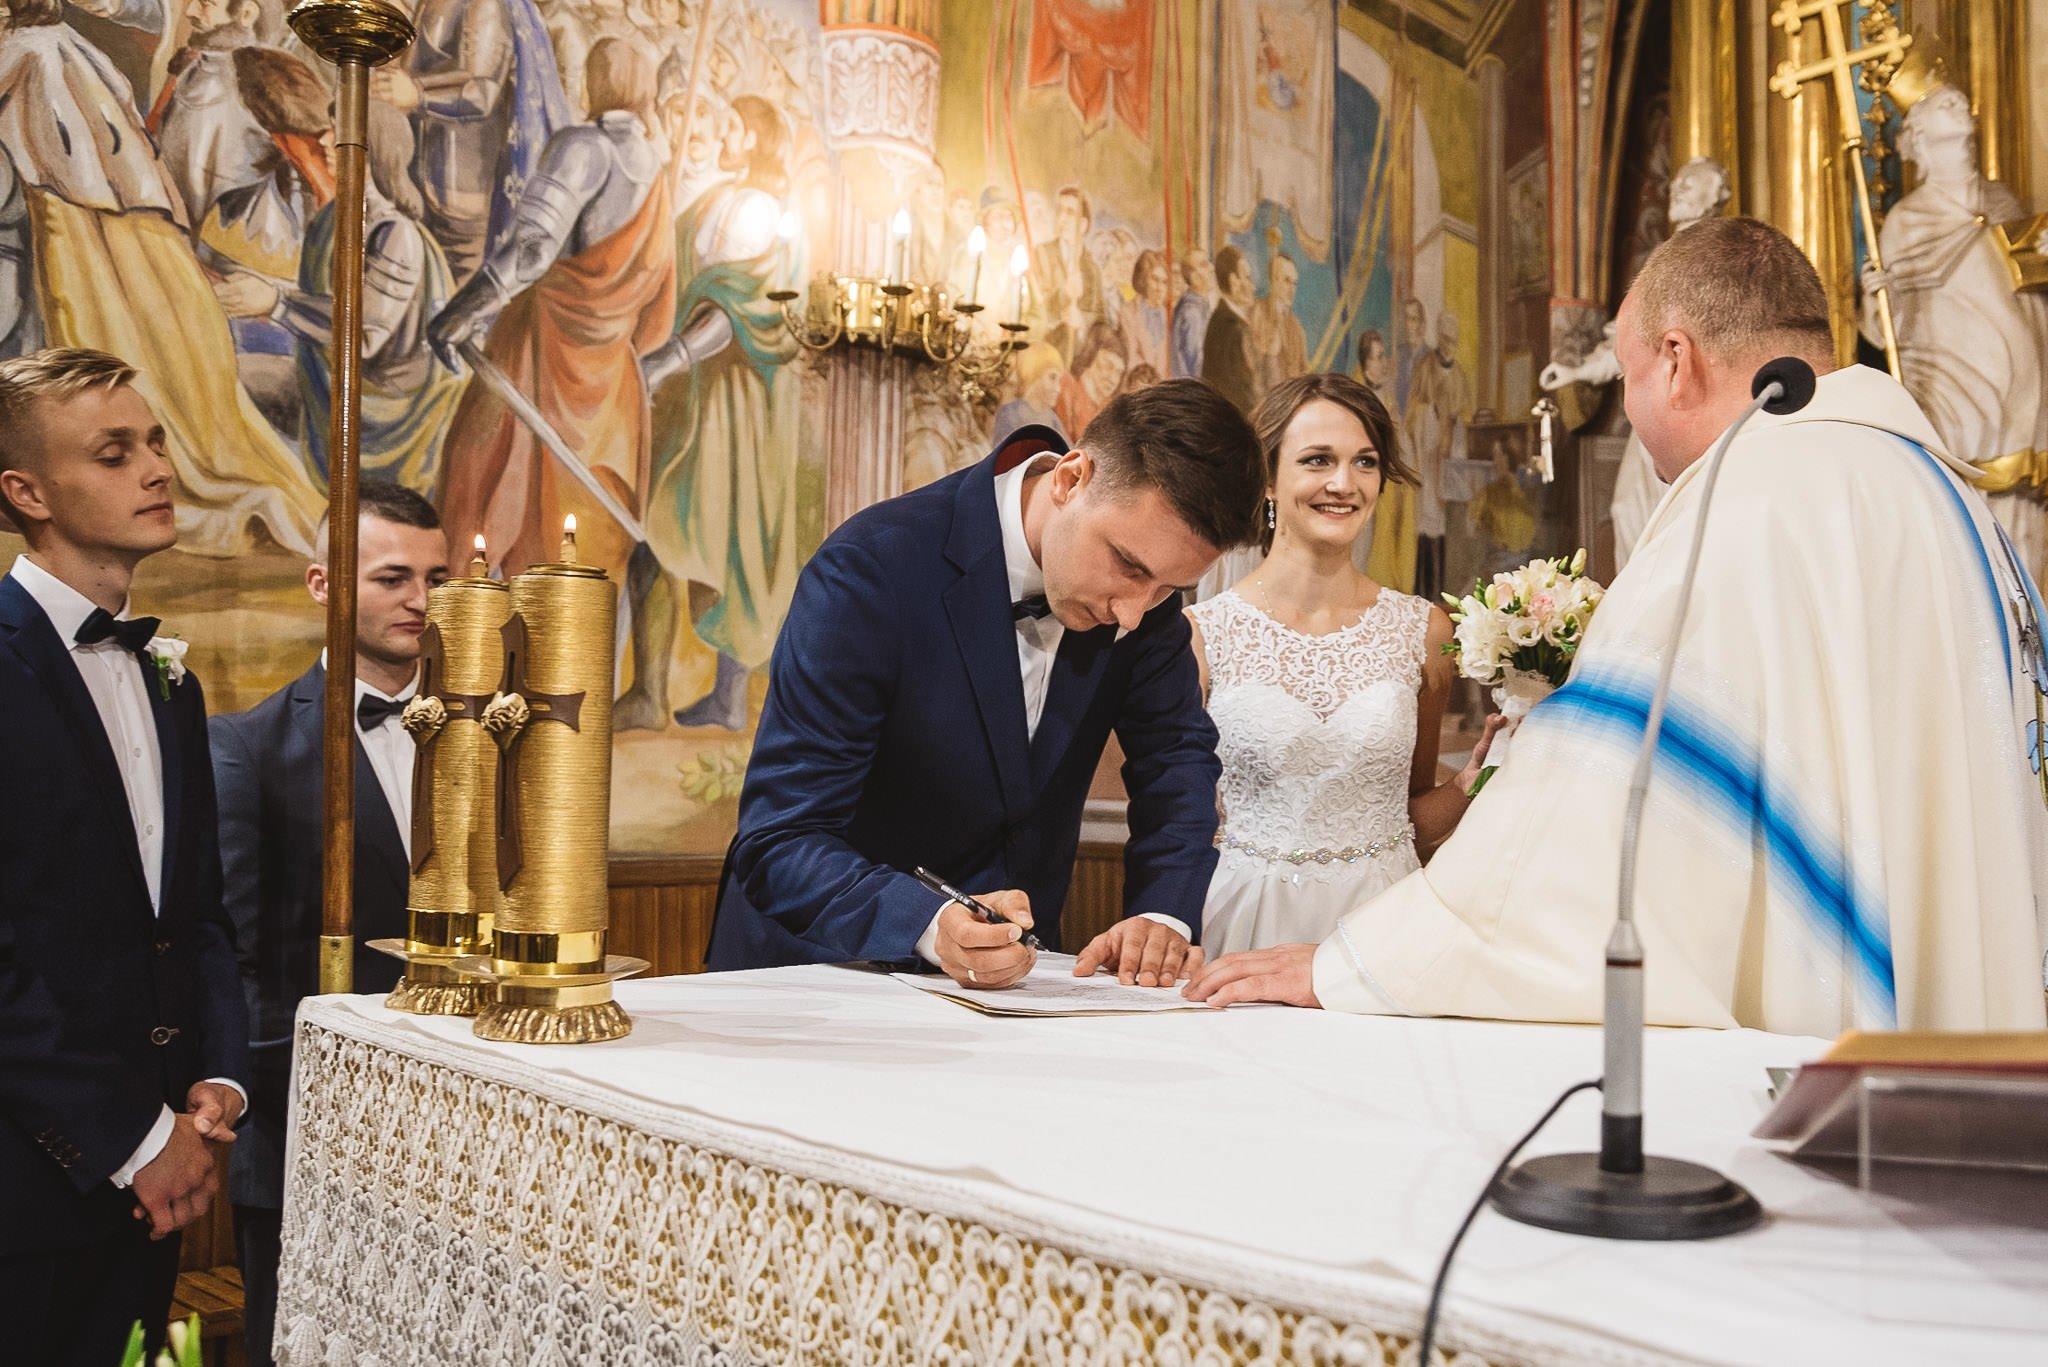 Monika i Michał, wesele w Paryżu i sesja plenerowa w stadninie koni w Czołowie 140